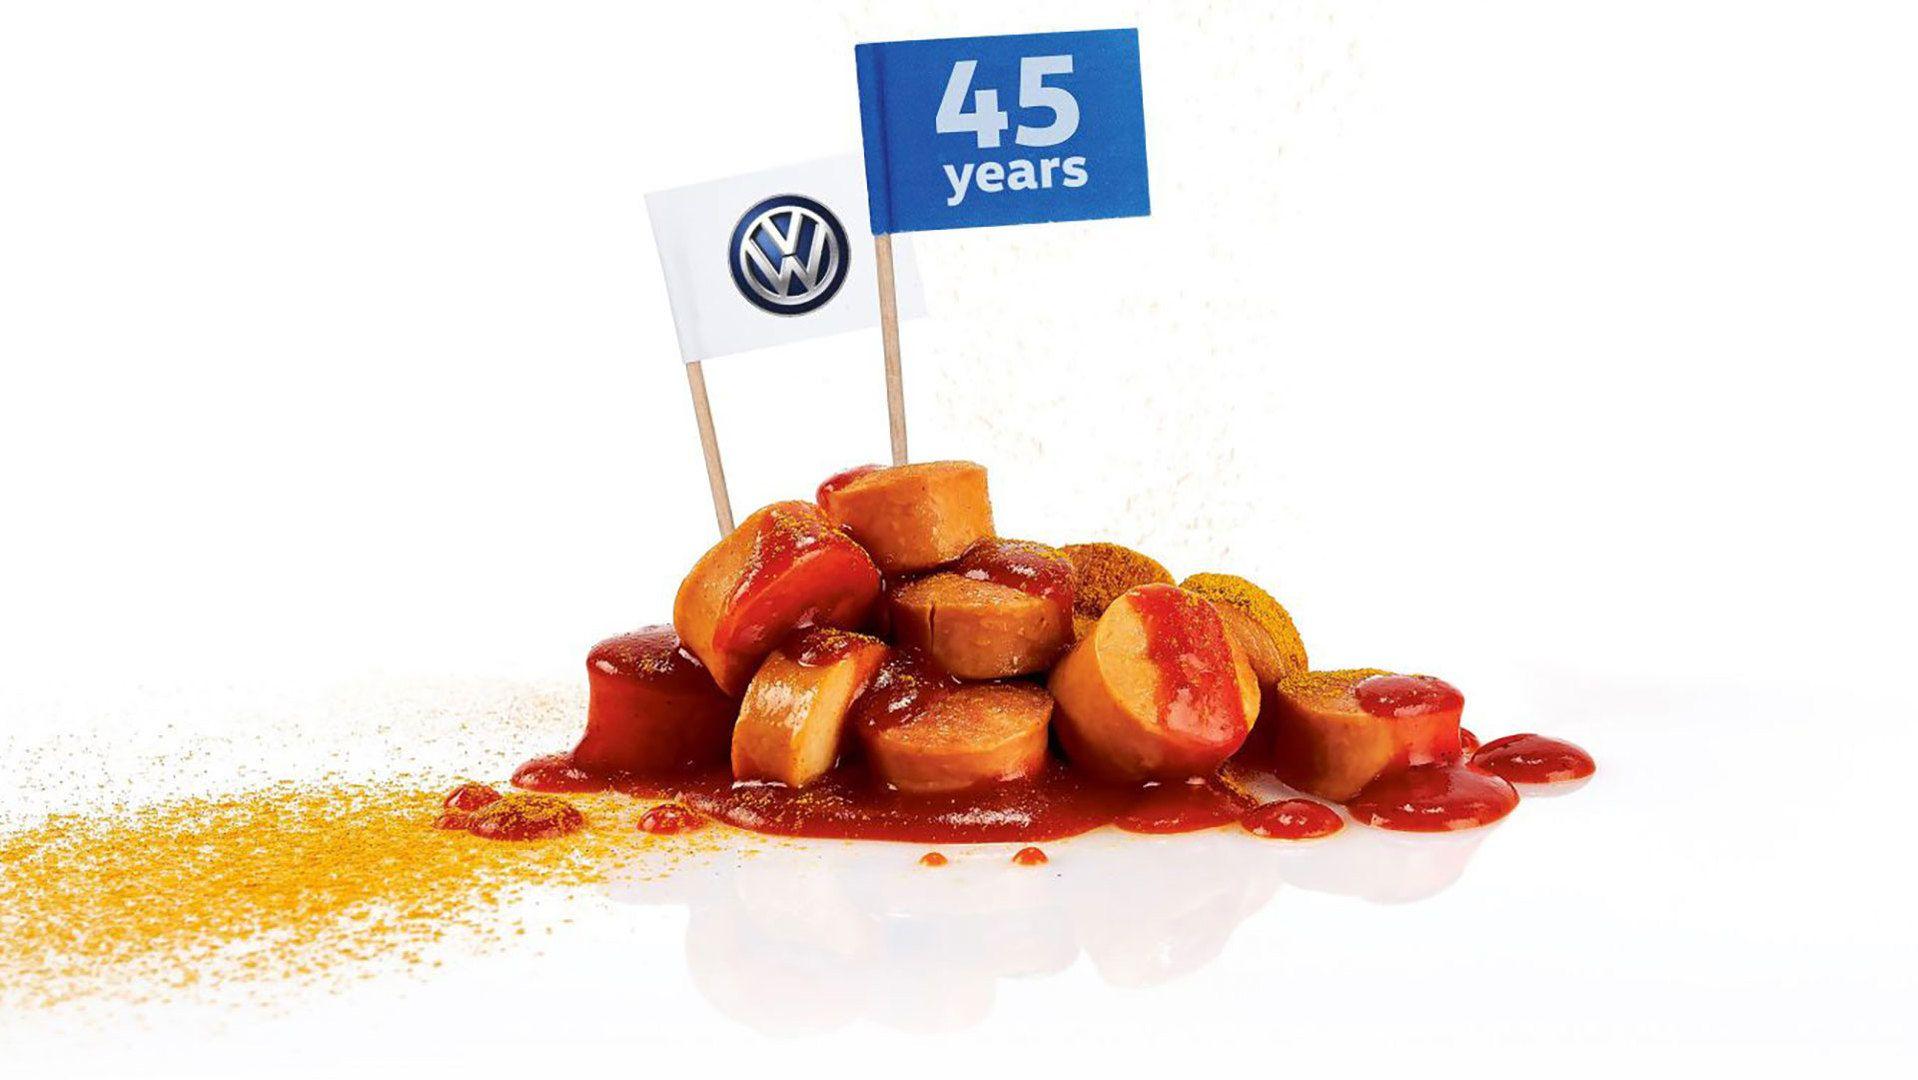 Volkswagen вышел на первое место по продаже… сосисок!